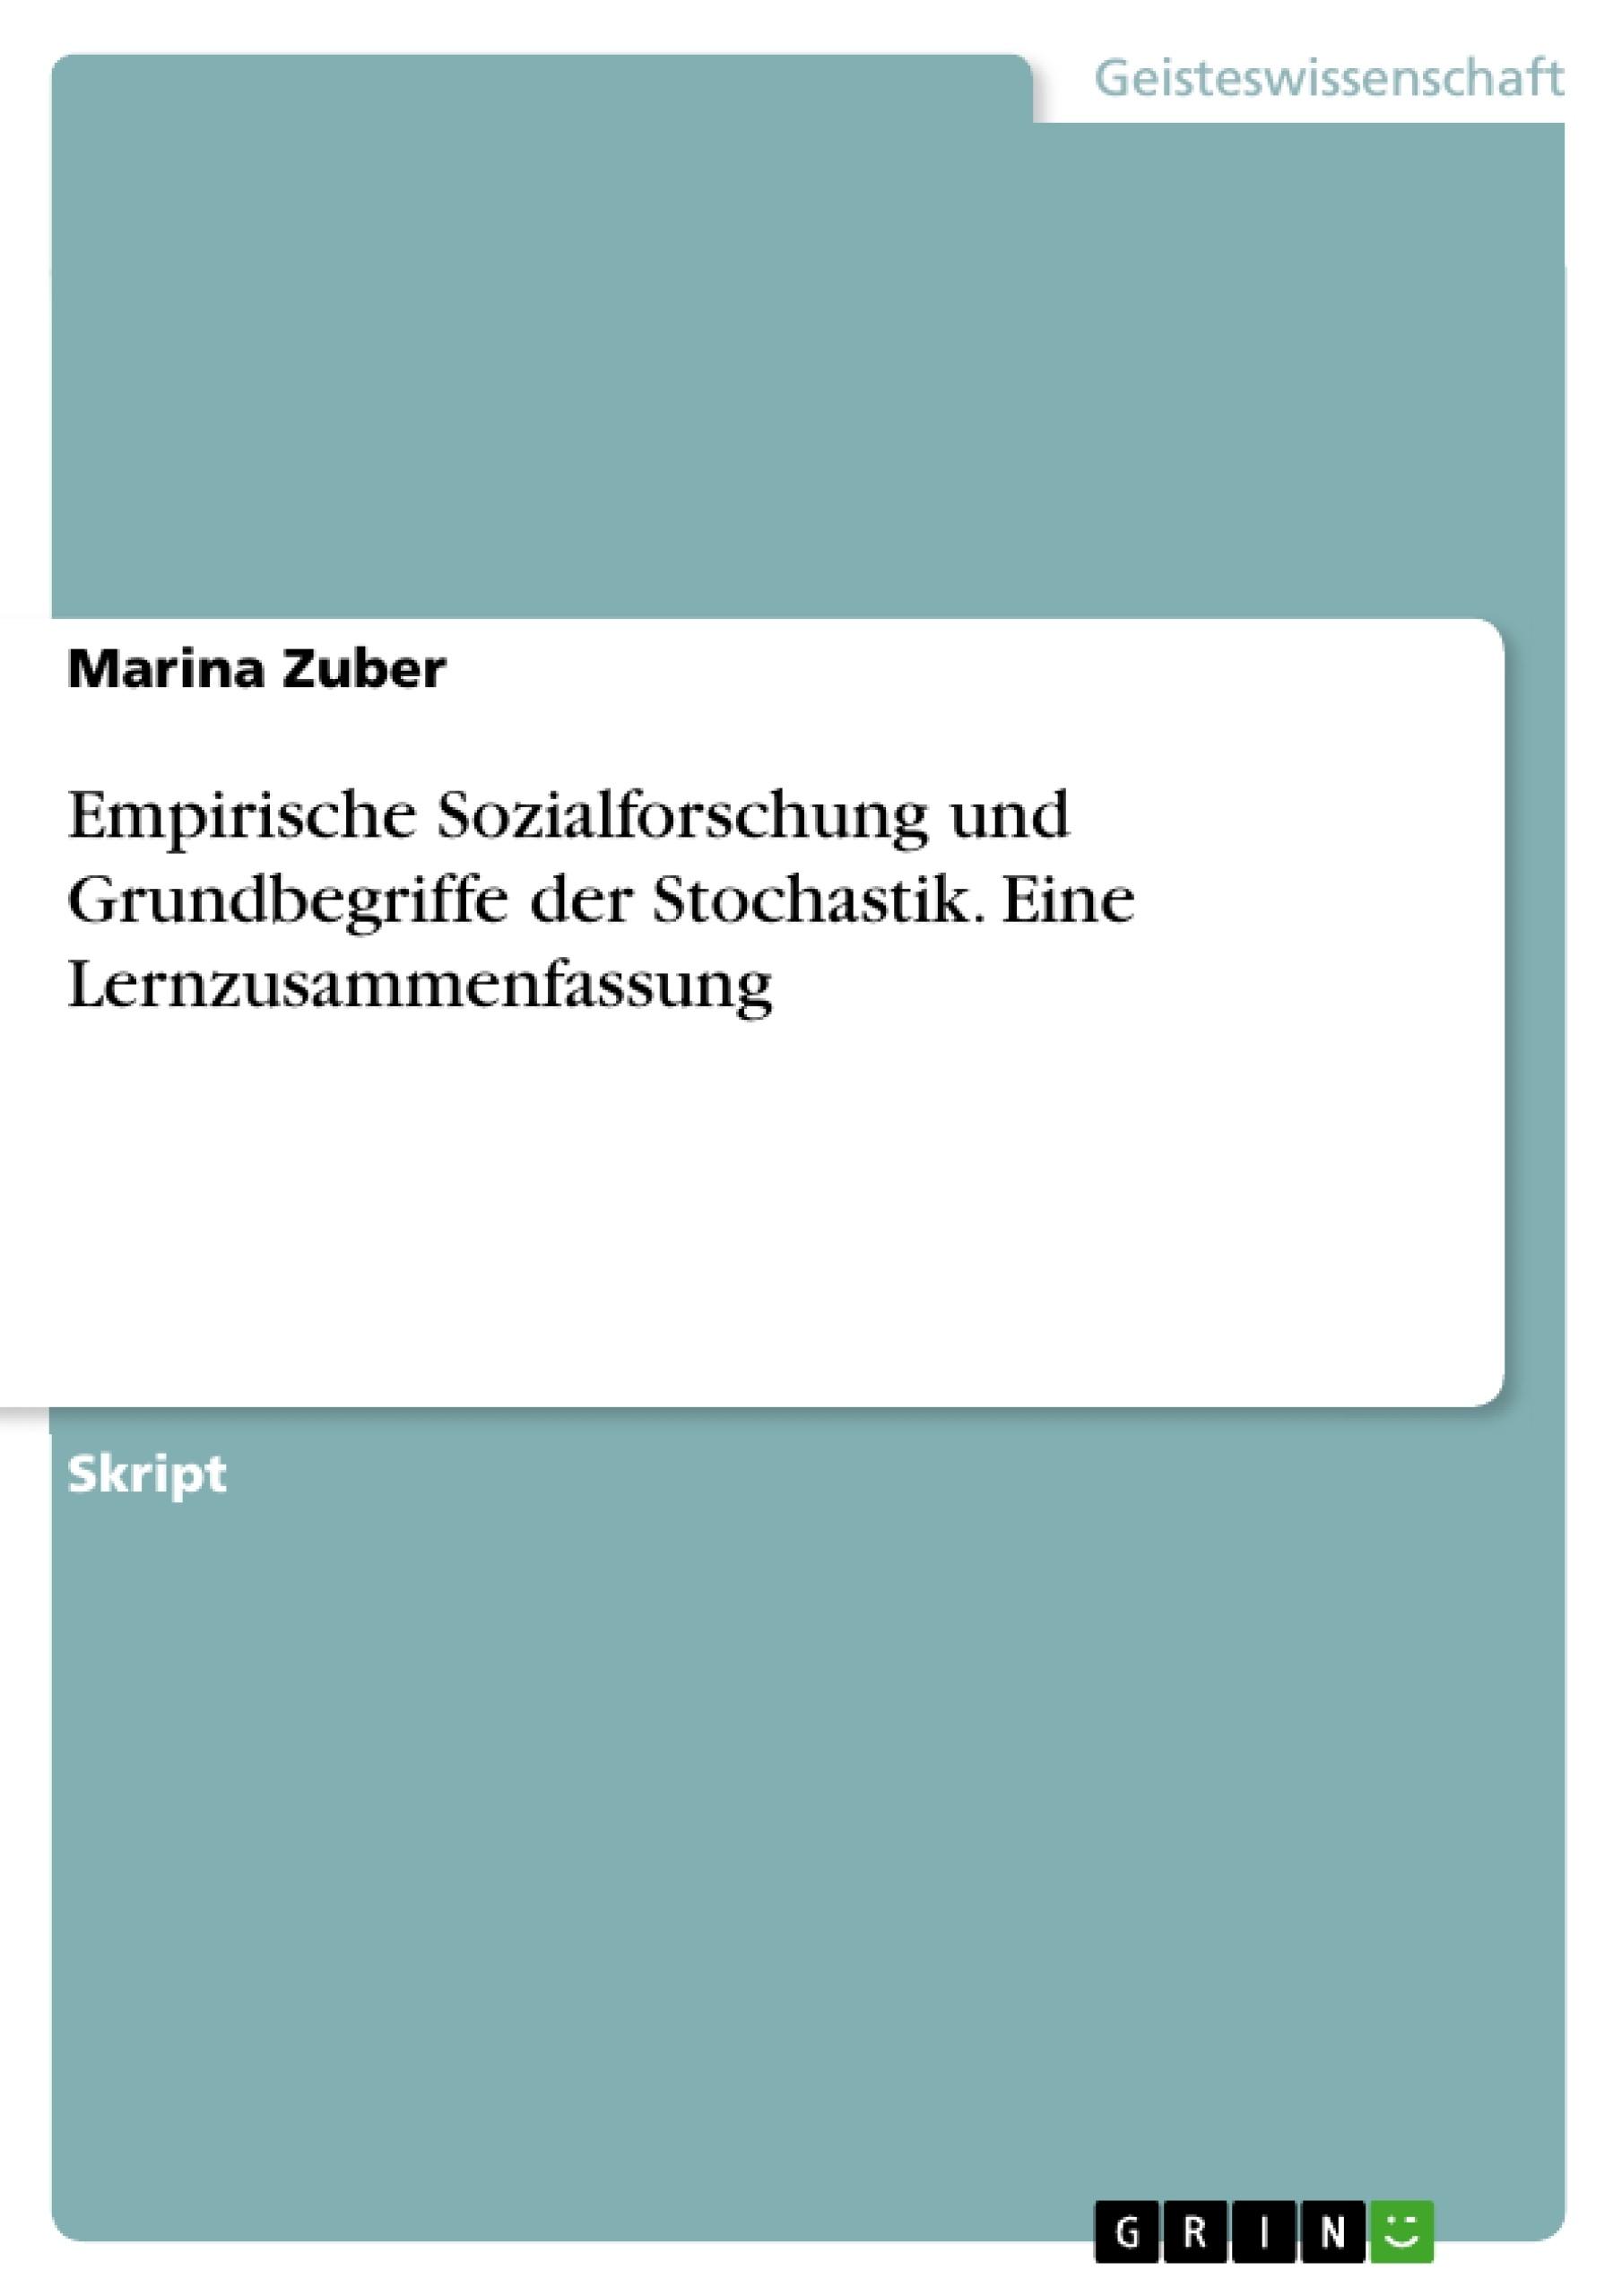 Titel: Empirische Sozialforschung und Grundbegriffe der Stochastik. Eine Lernzusammenfassung